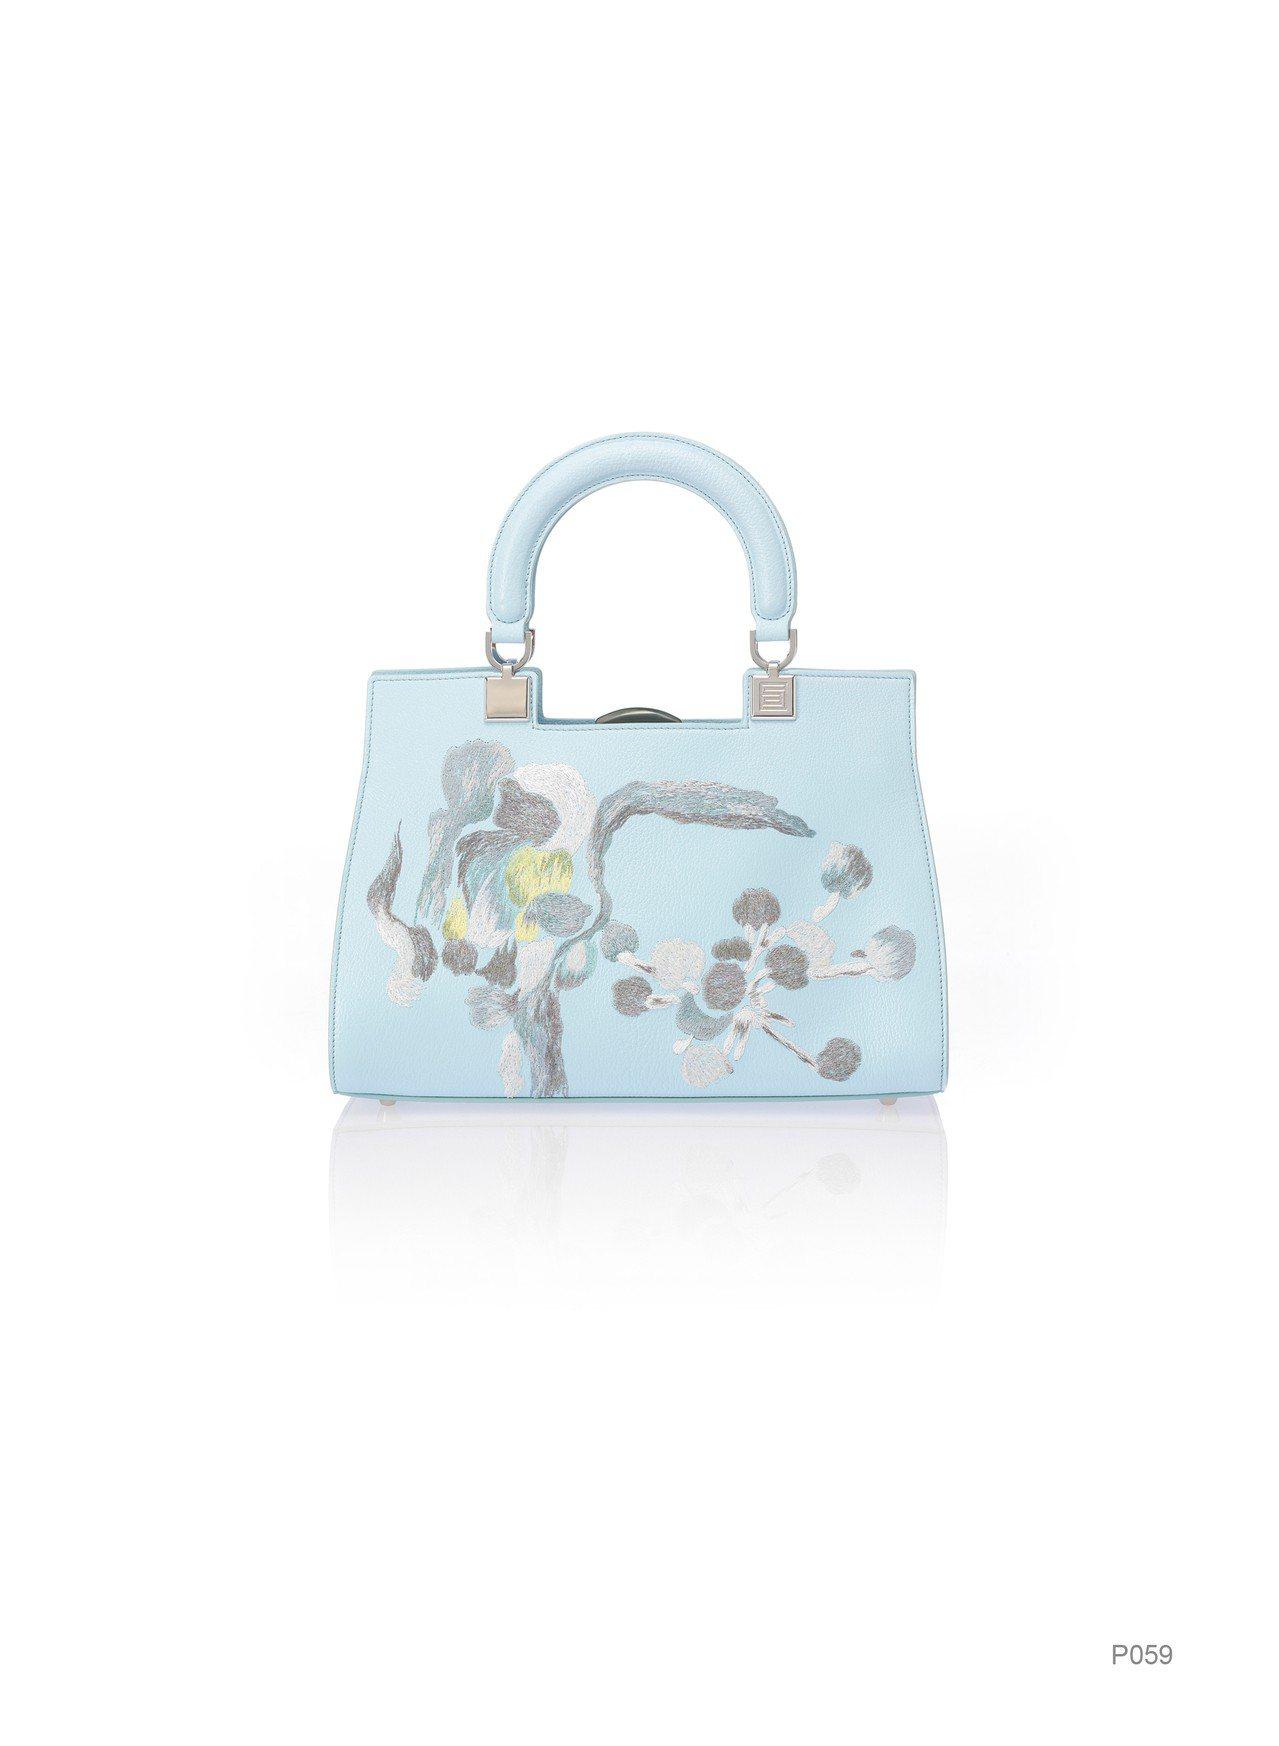 淺藍花卉刺繡提包(大),特價14,760元。圖/夏姿提供